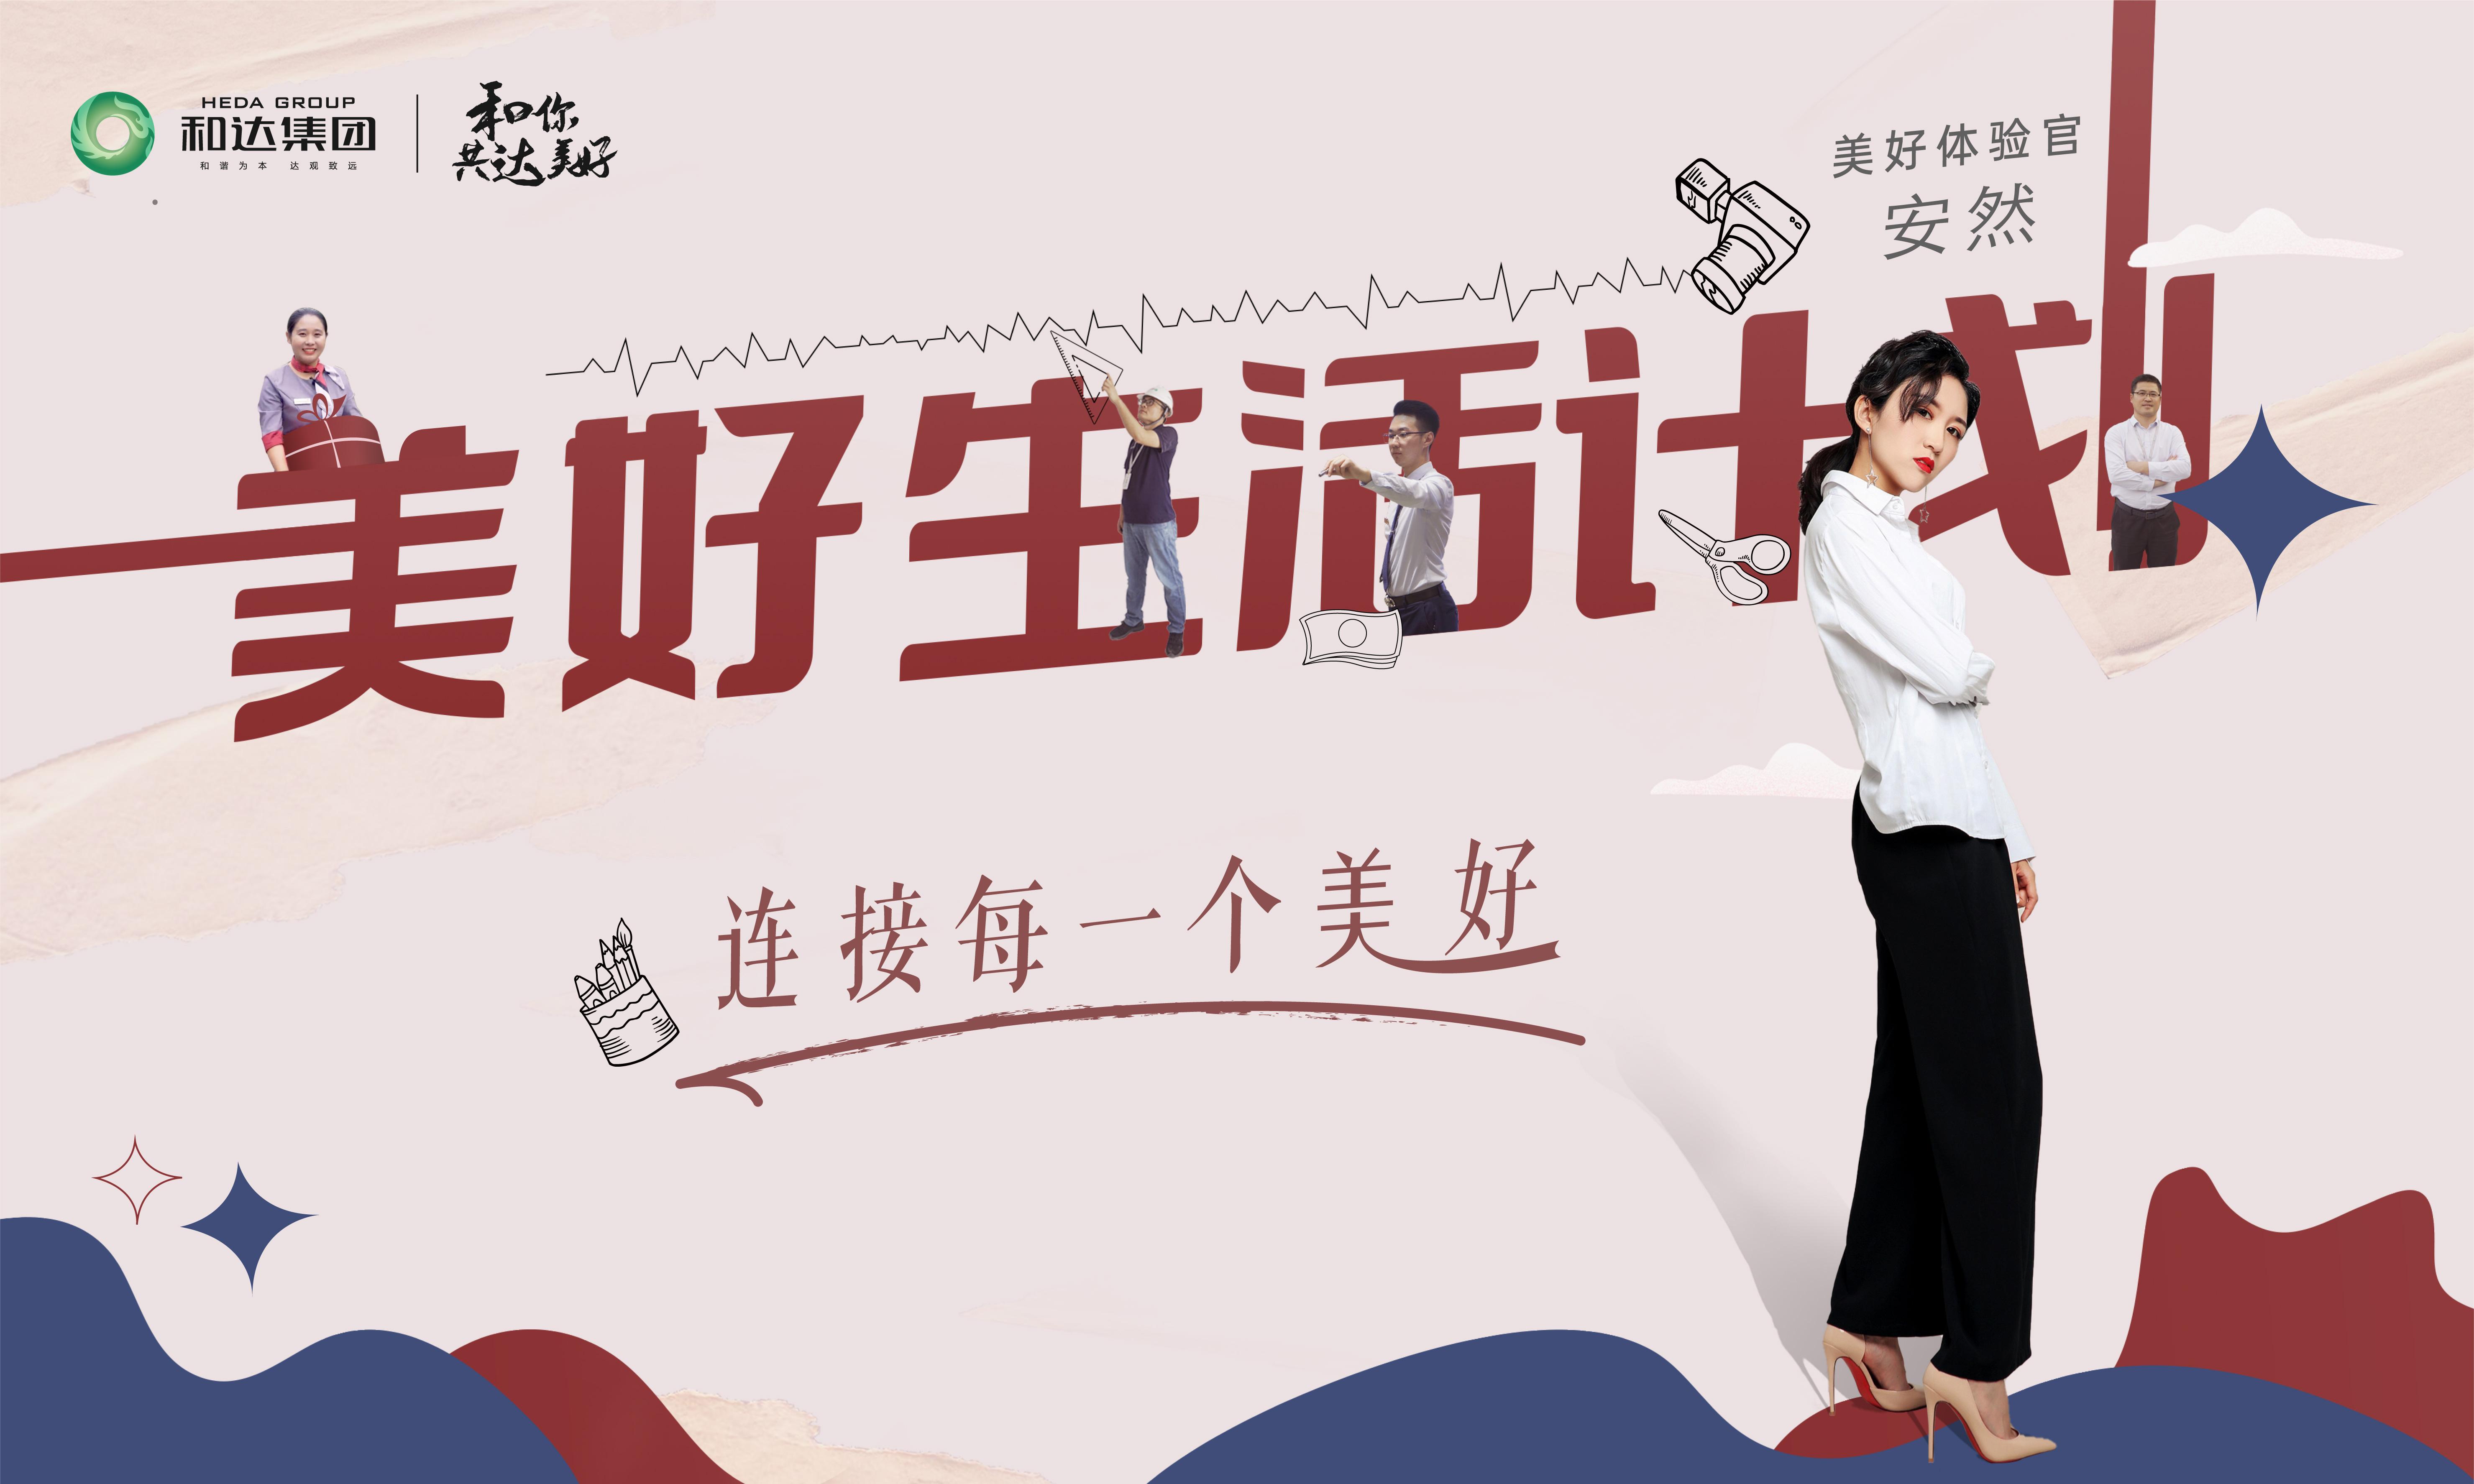 美好生活计划   和达带你探寻,美好生活匠造之道_中国网地产